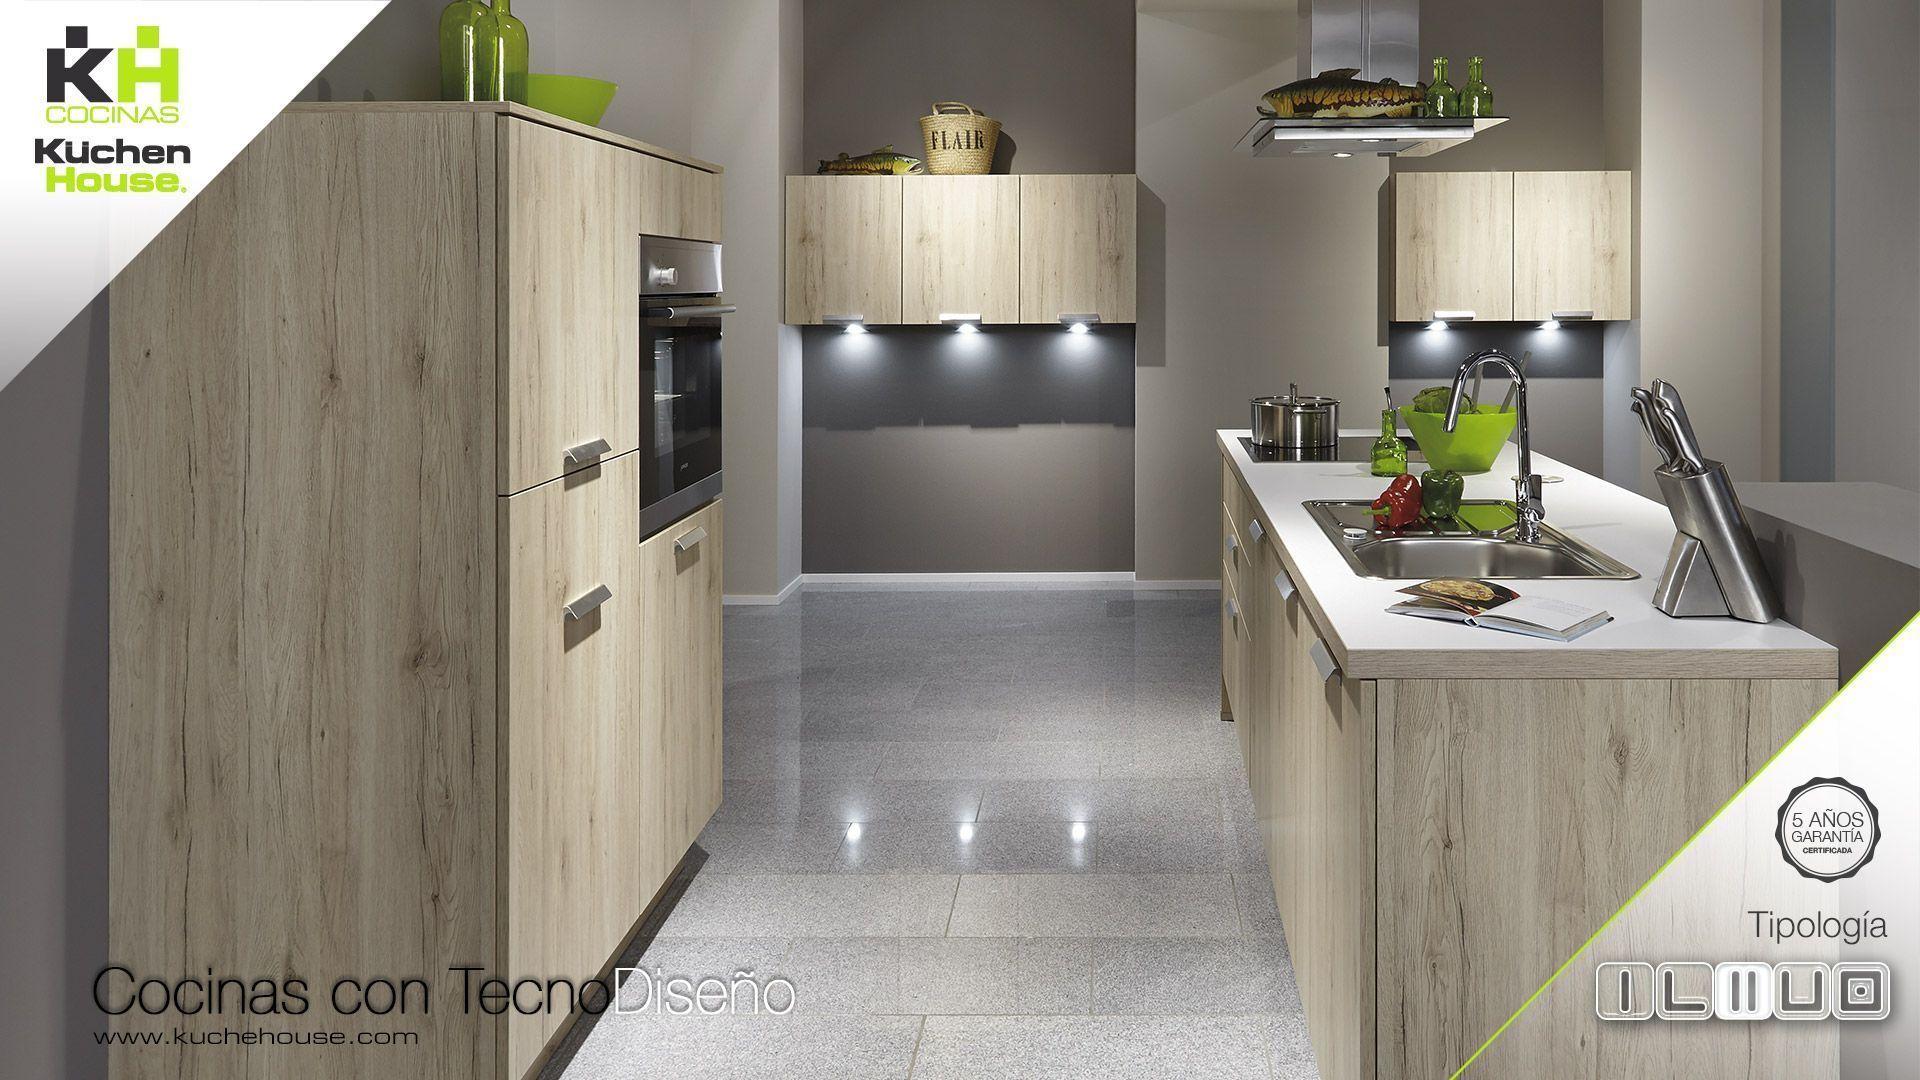 Cocinas kuchenhouse cocina en paralelo kuchenhouse for Cocinas en paralelo